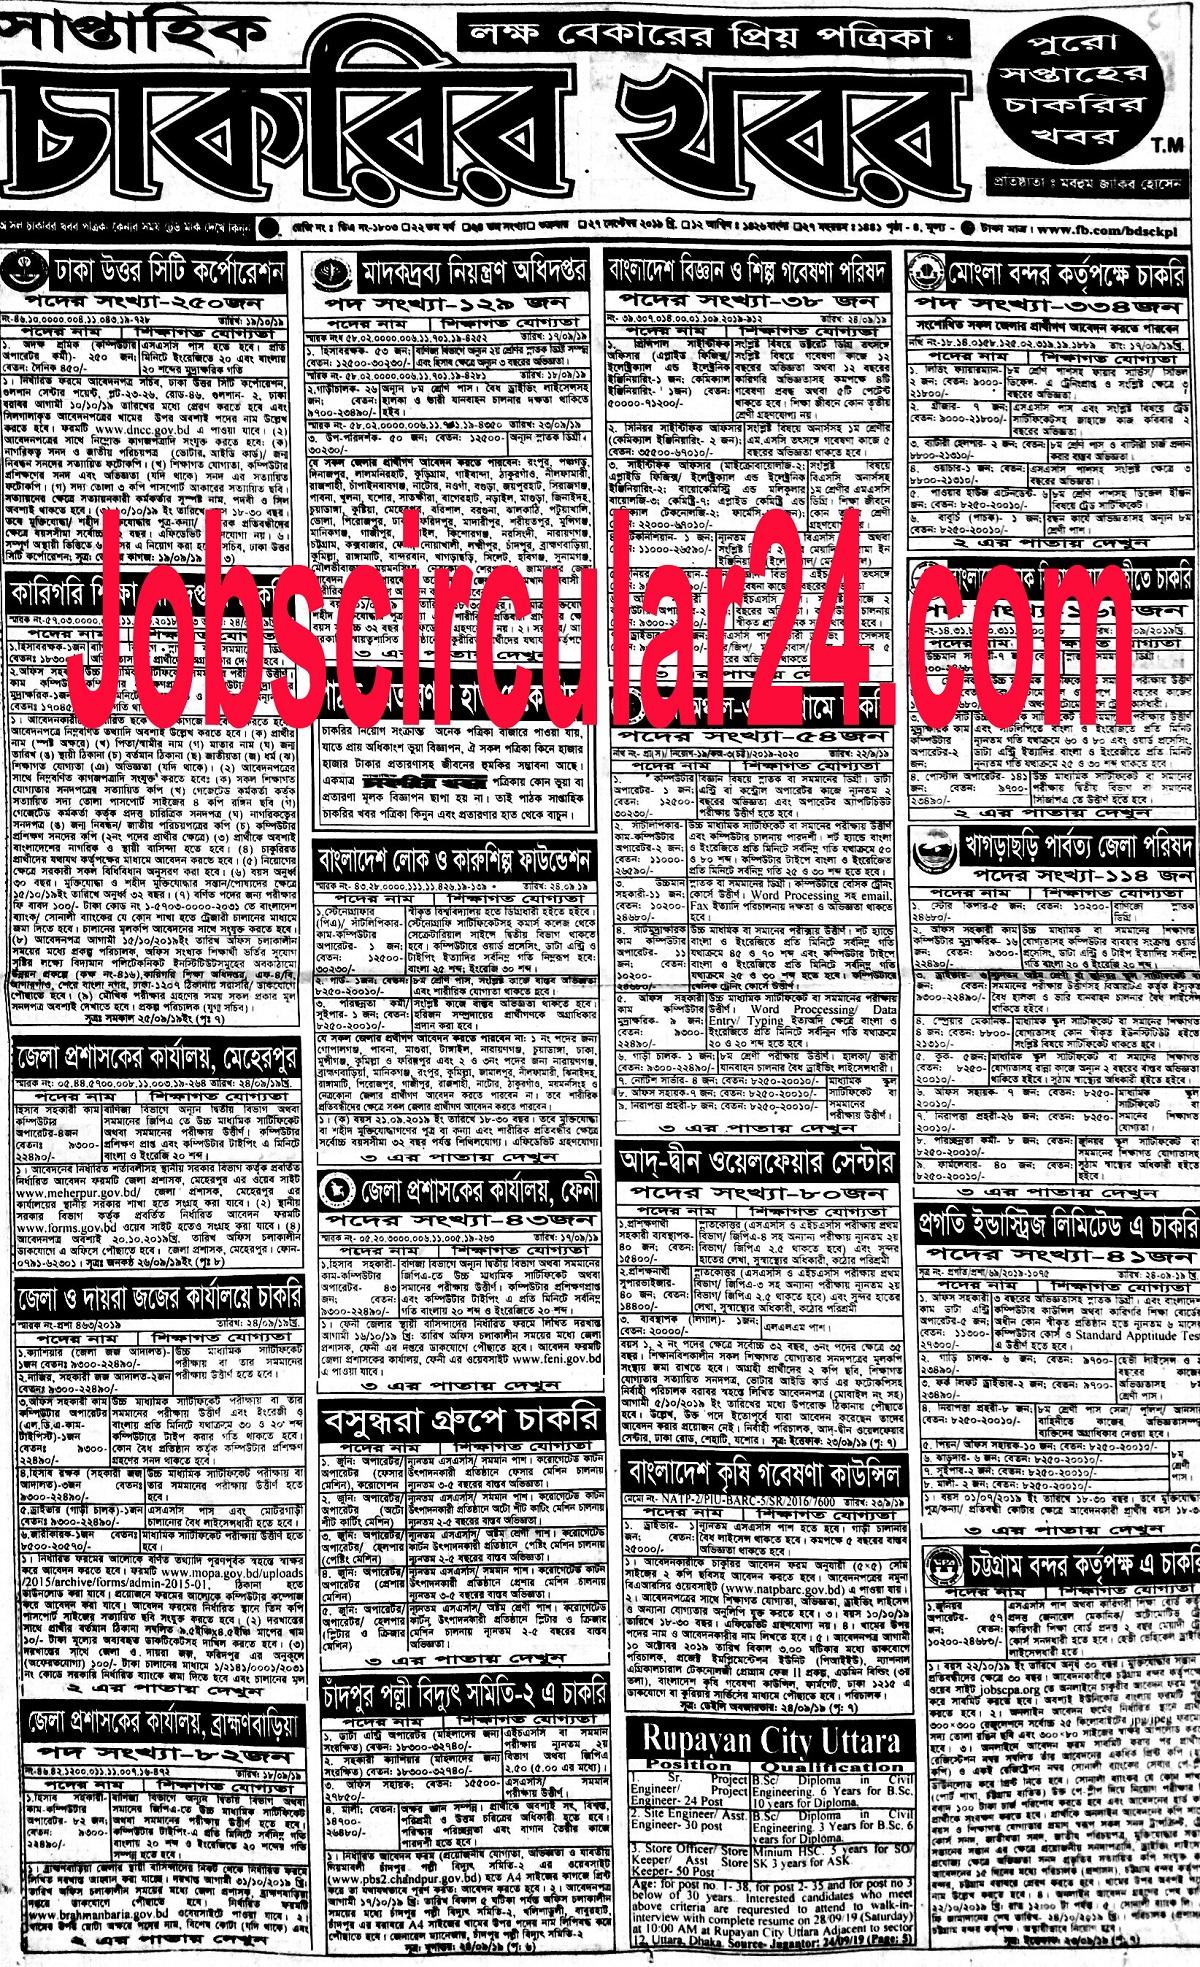 Saptahik Chakrir Khobor Newspaper 27 September 2019